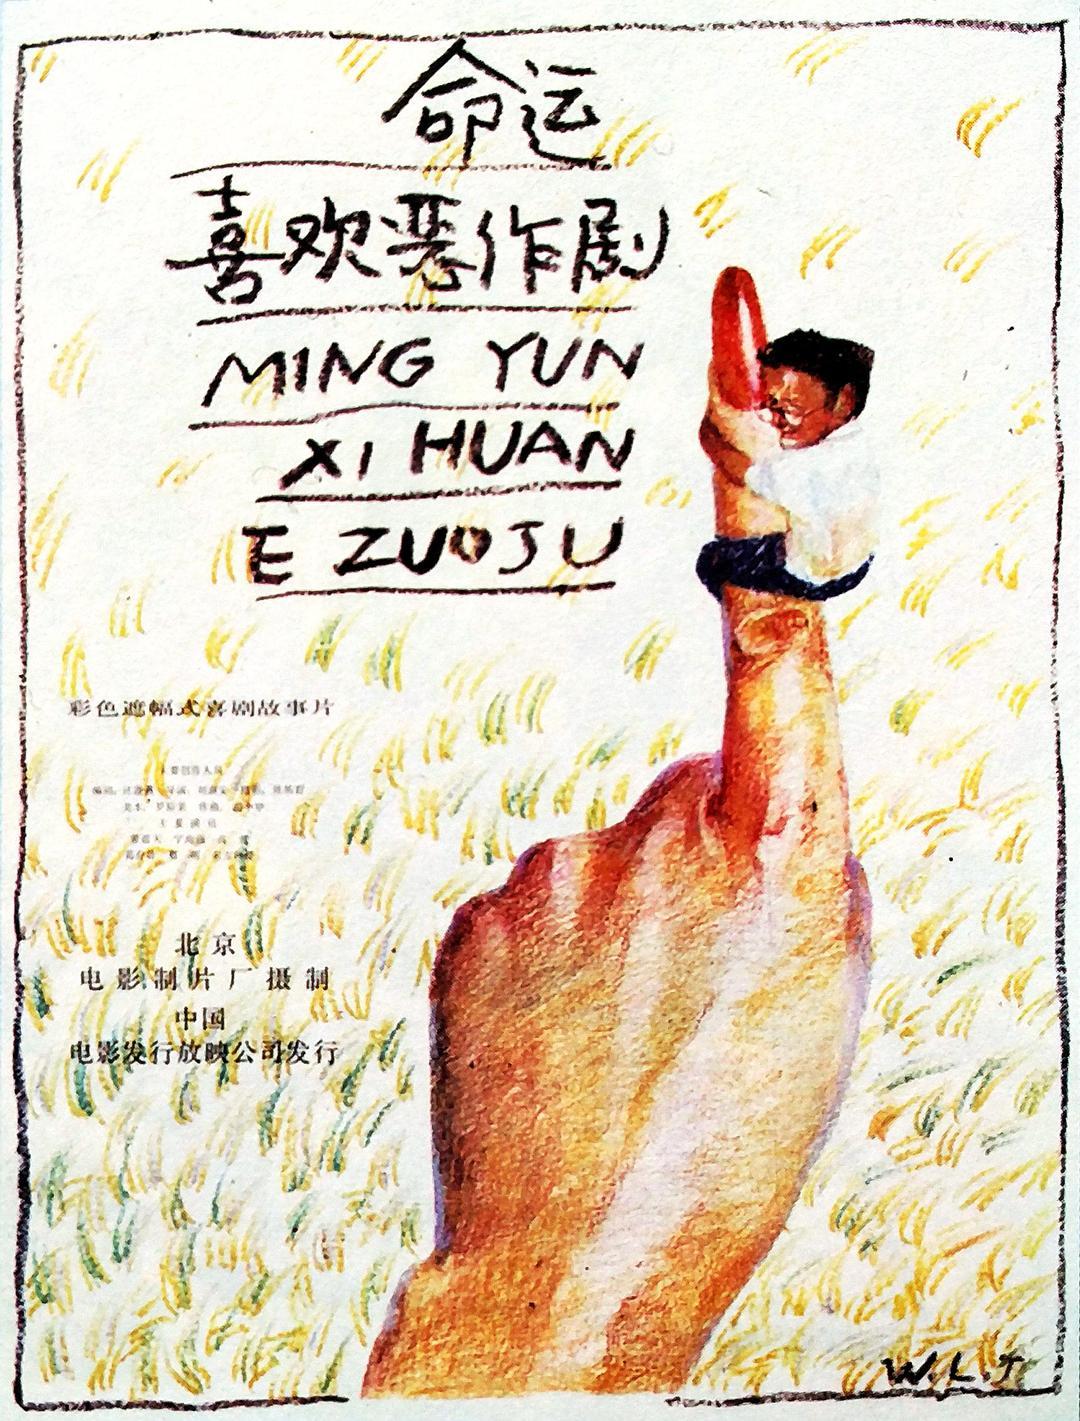 Ming yun xi huan e zuo ju ((1989))